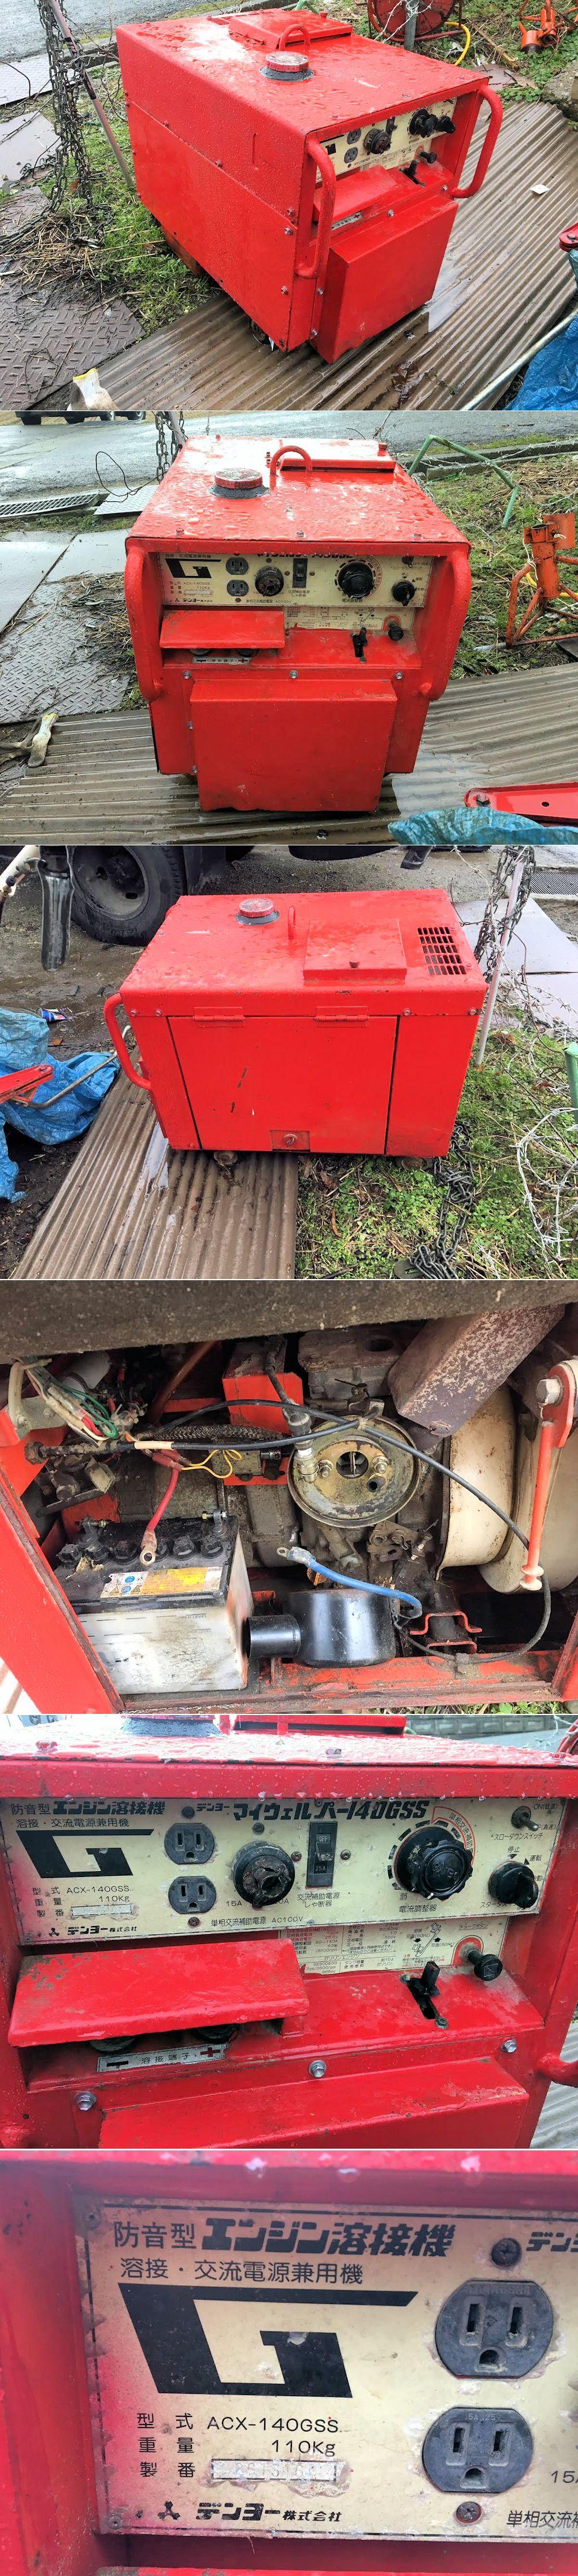 デンヨー 防音型エンジン 発電機 溶接機 ACX-140GSS 現状ジャンク 中古